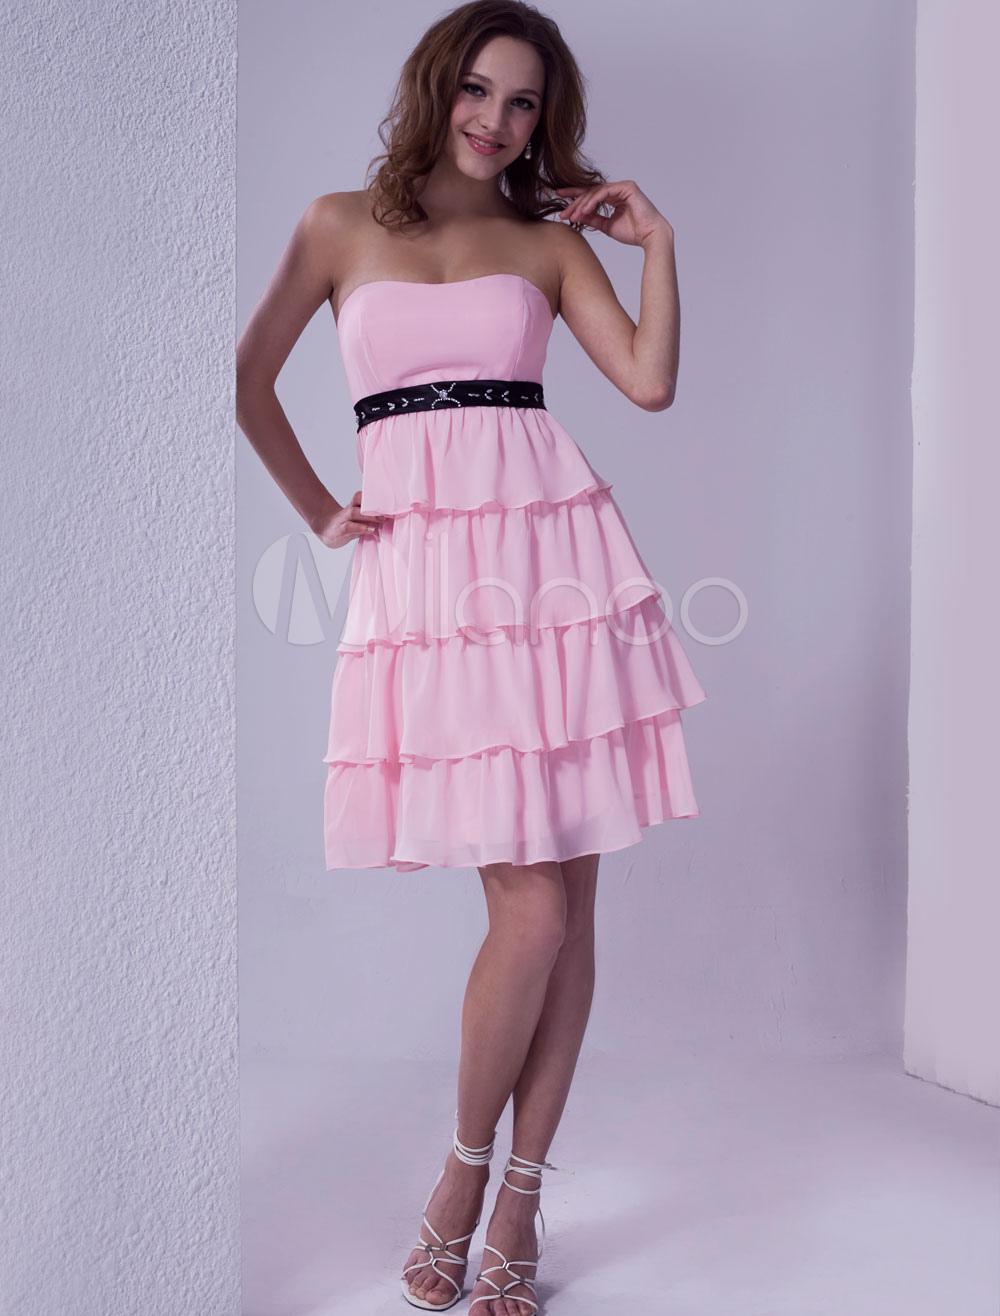 Chiffon A-Linie-Cocktailkleid mit Herz-Ausschnitt und Gürtel in Rosa ...